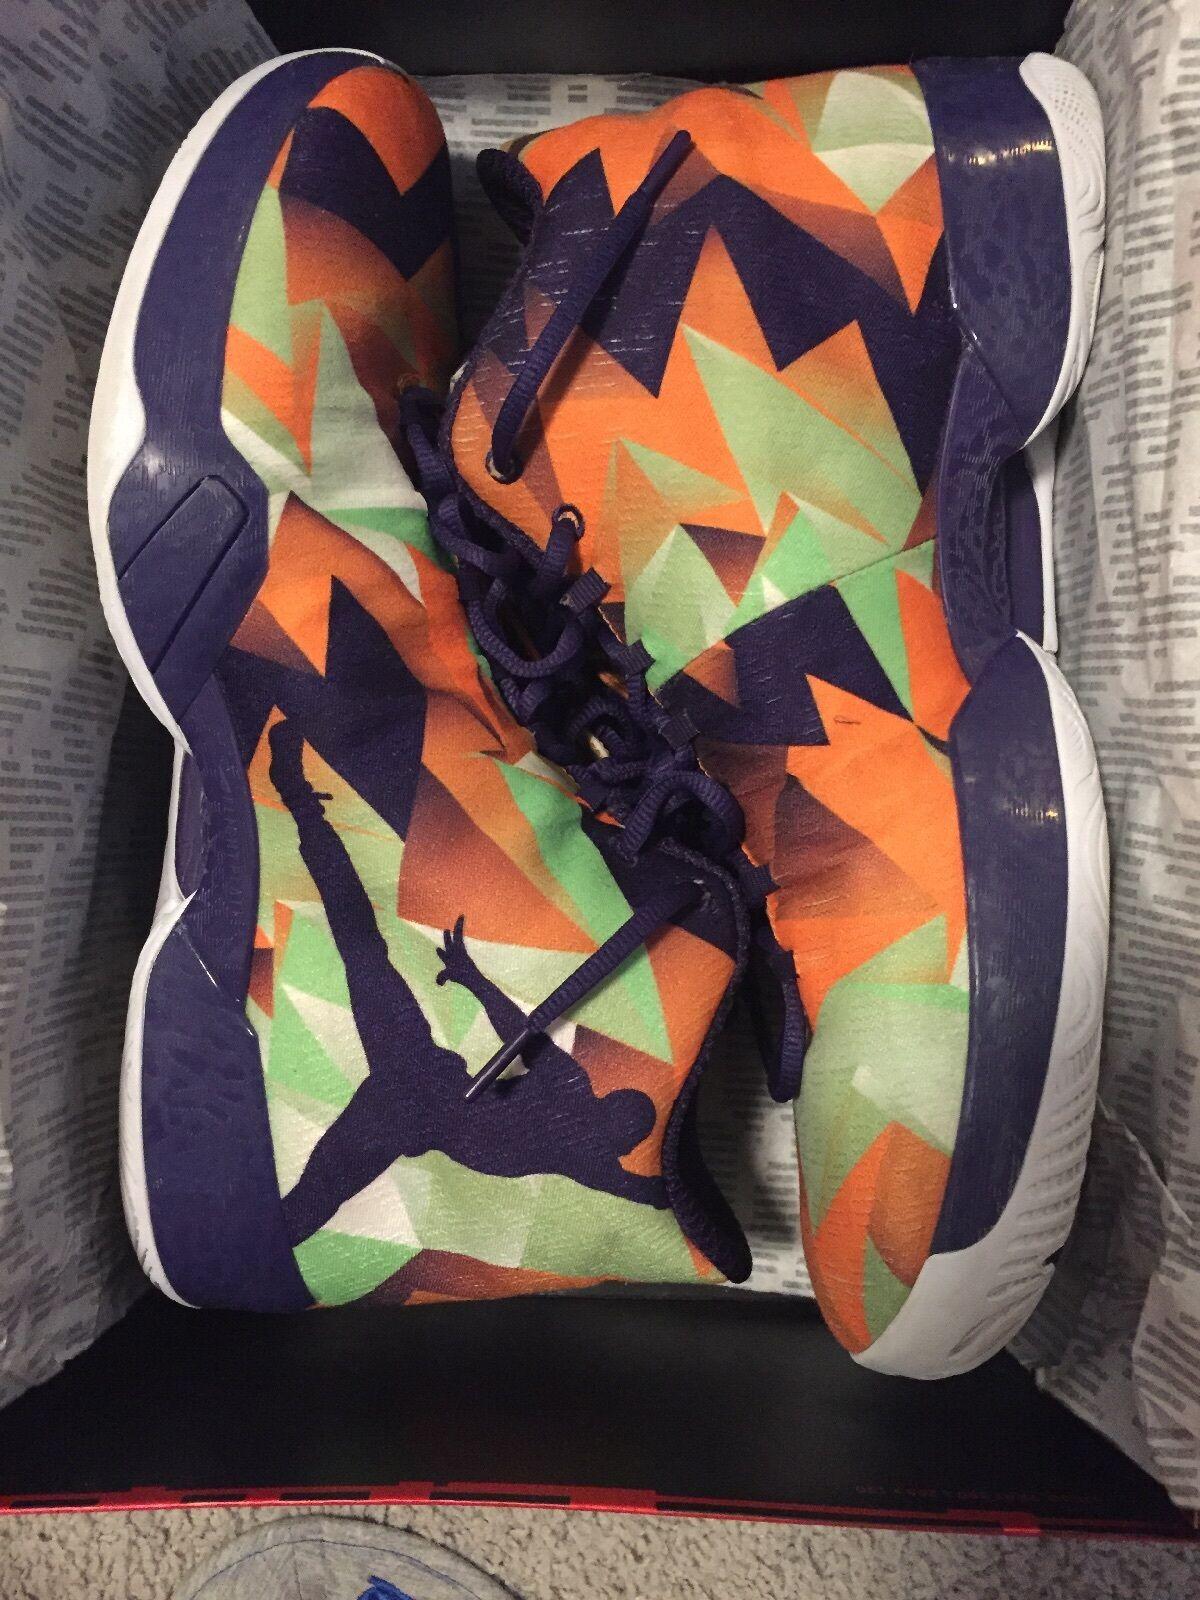 Retro Jordan la 29 liebre playoff zapatilla de baloncesto no playoff liebre packprice reducción barato y hermoso moda 138b34